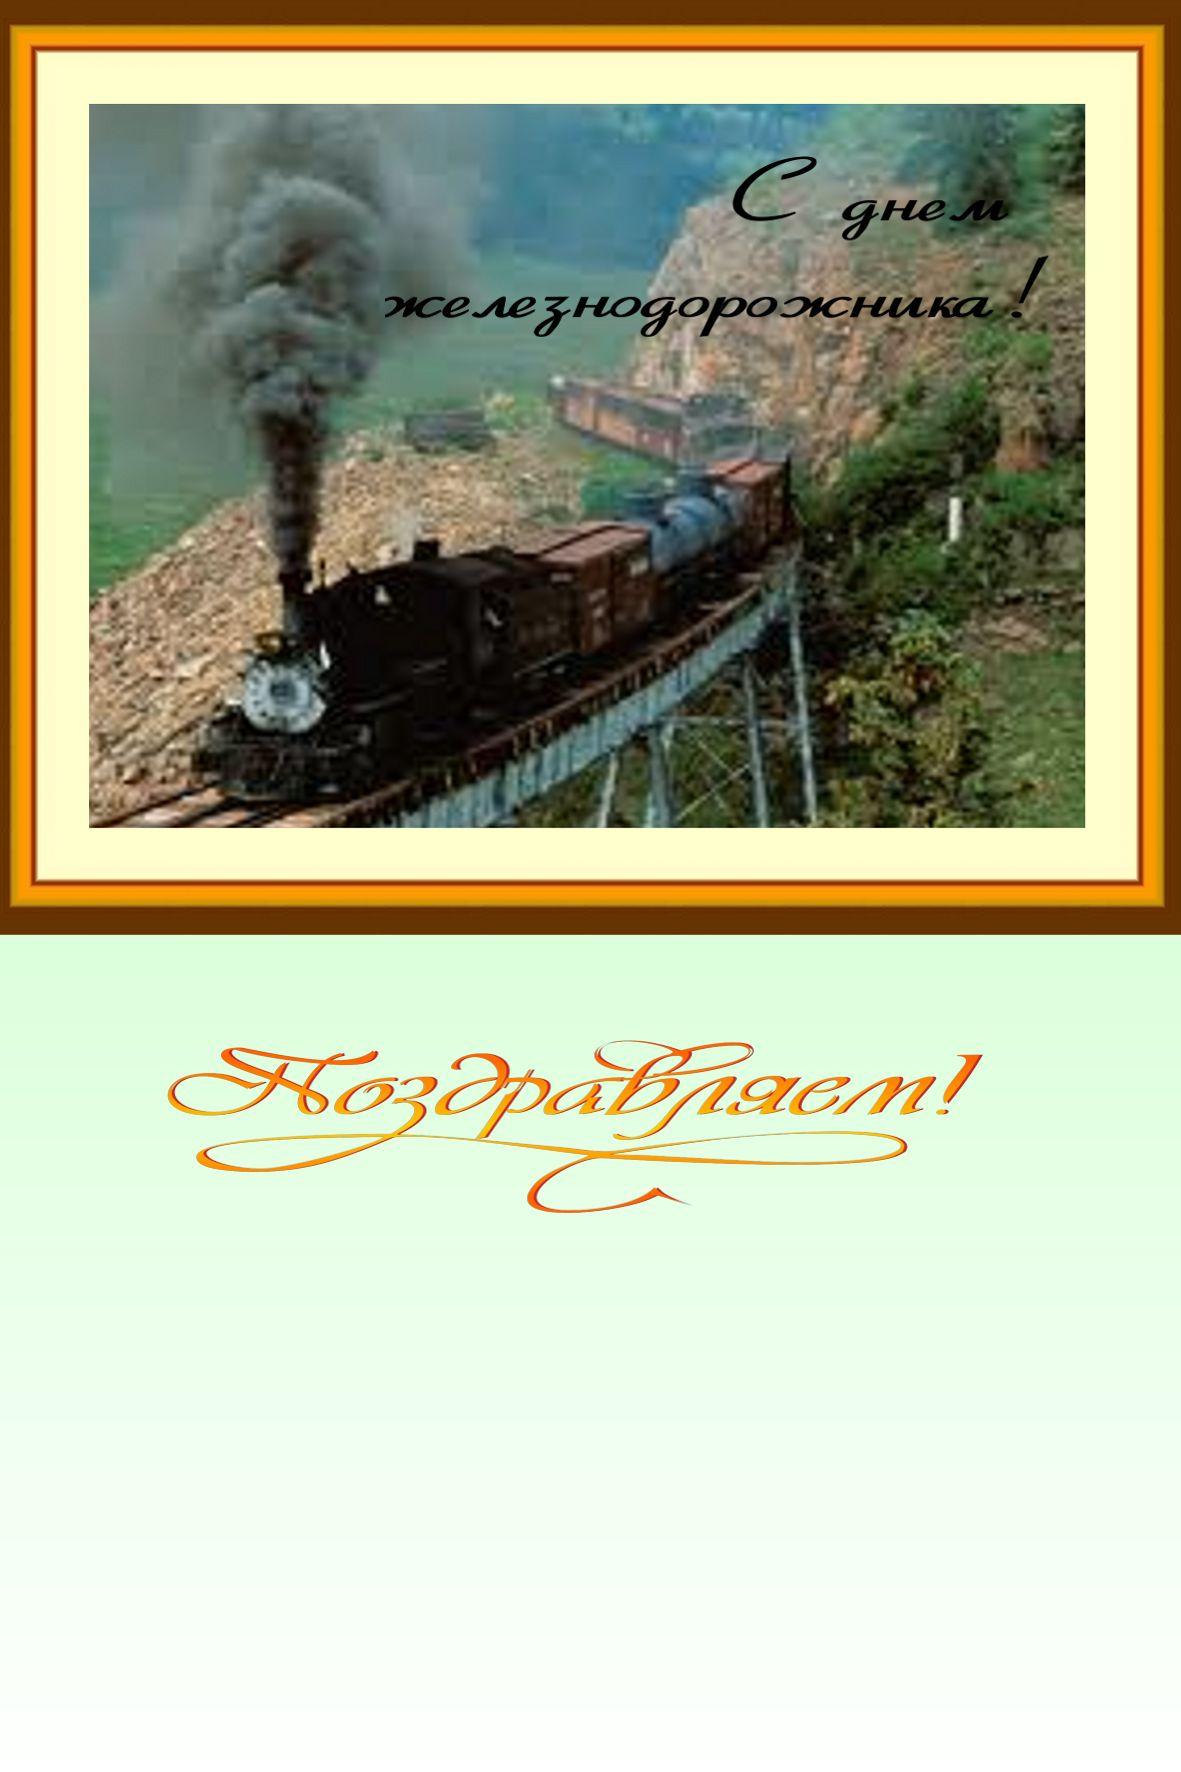 Поздравления с днем железнодорожника - Поздравок